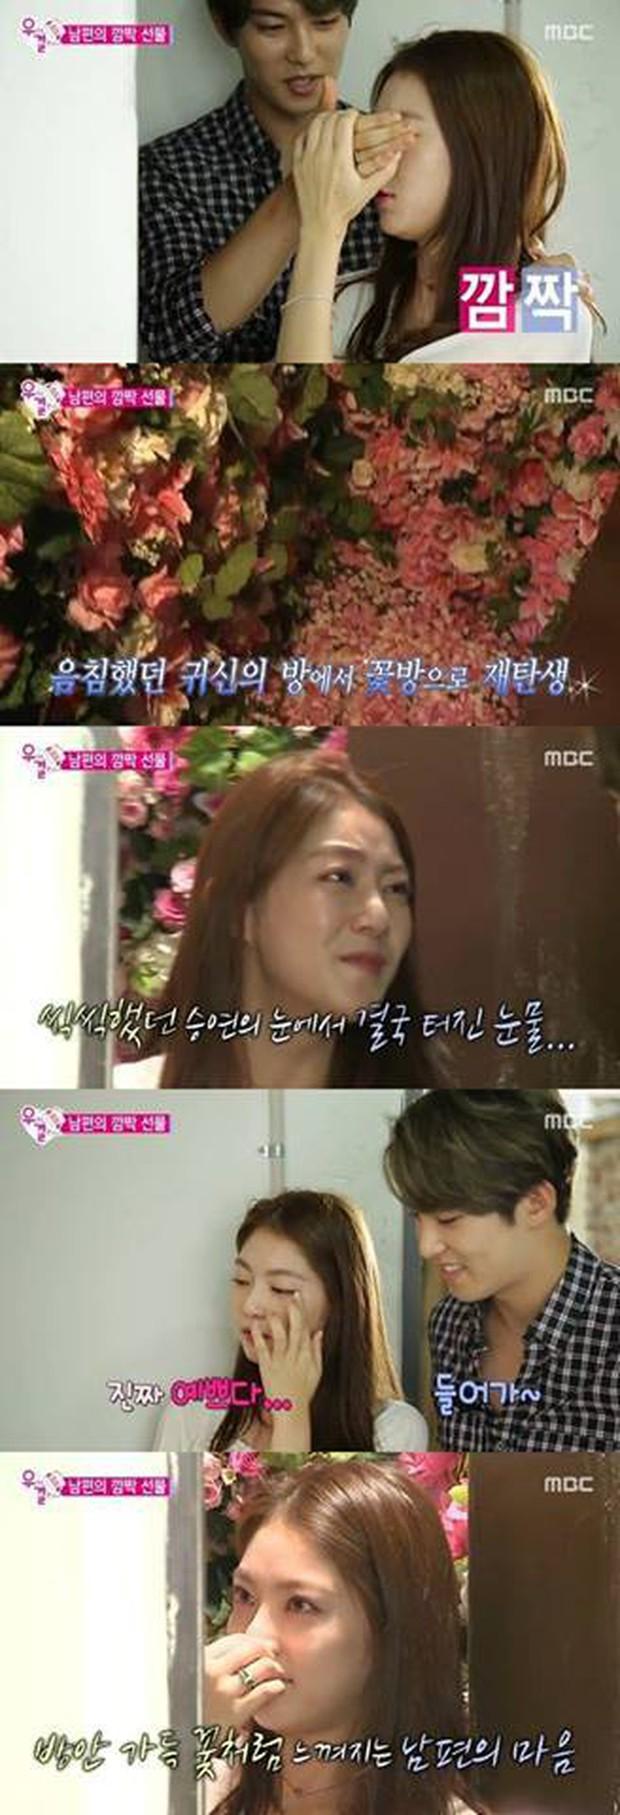 Jonghyun (CNBLUE) từng làm chồng hờ hoàn hảo thế nào trước khi vướng vào bê bối tình dục? - Ảnh 25.